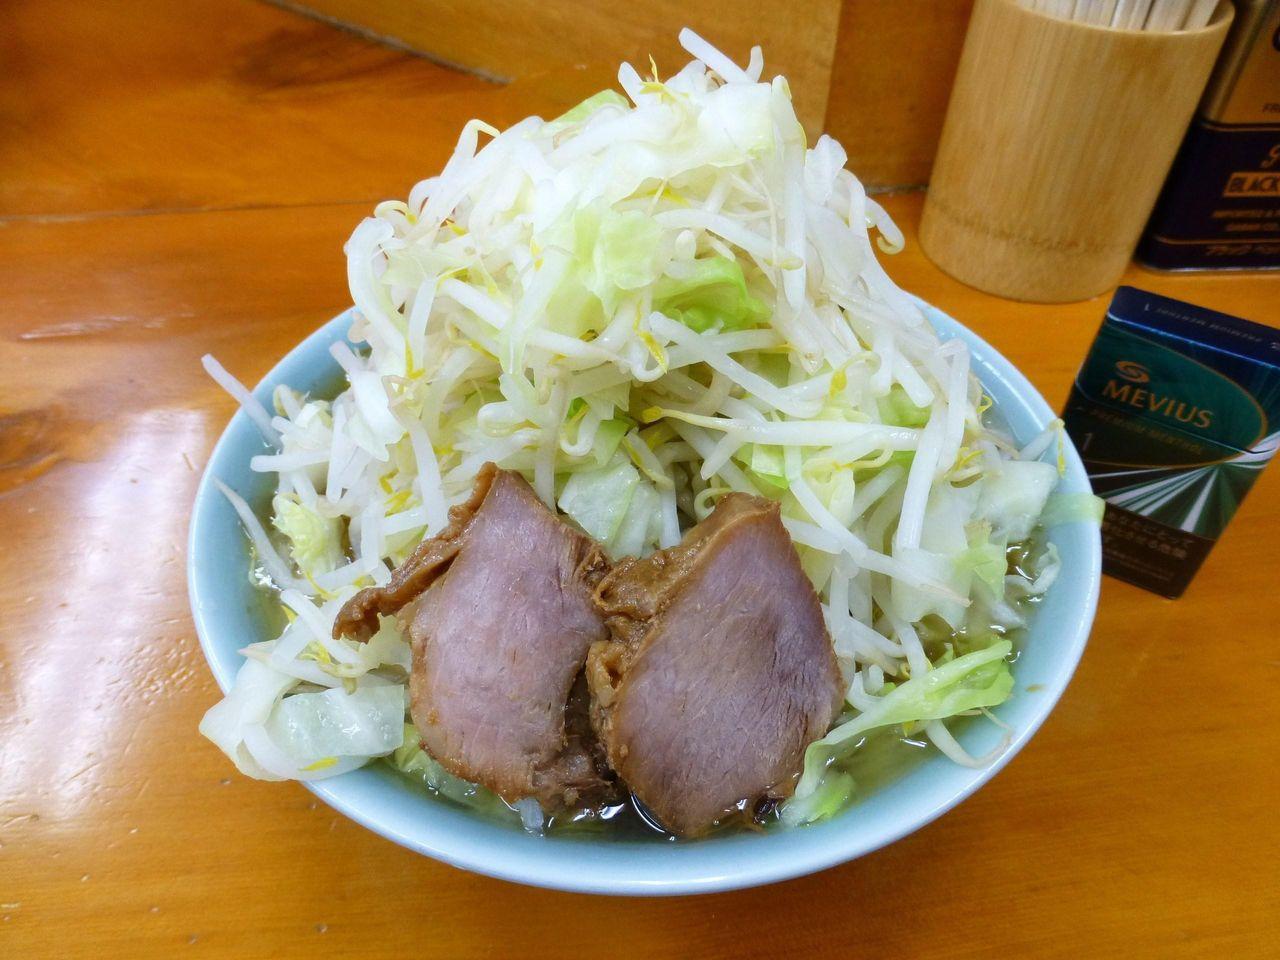 ラーメン二郎新橋店のラーメン(野菜マシマシ)700円